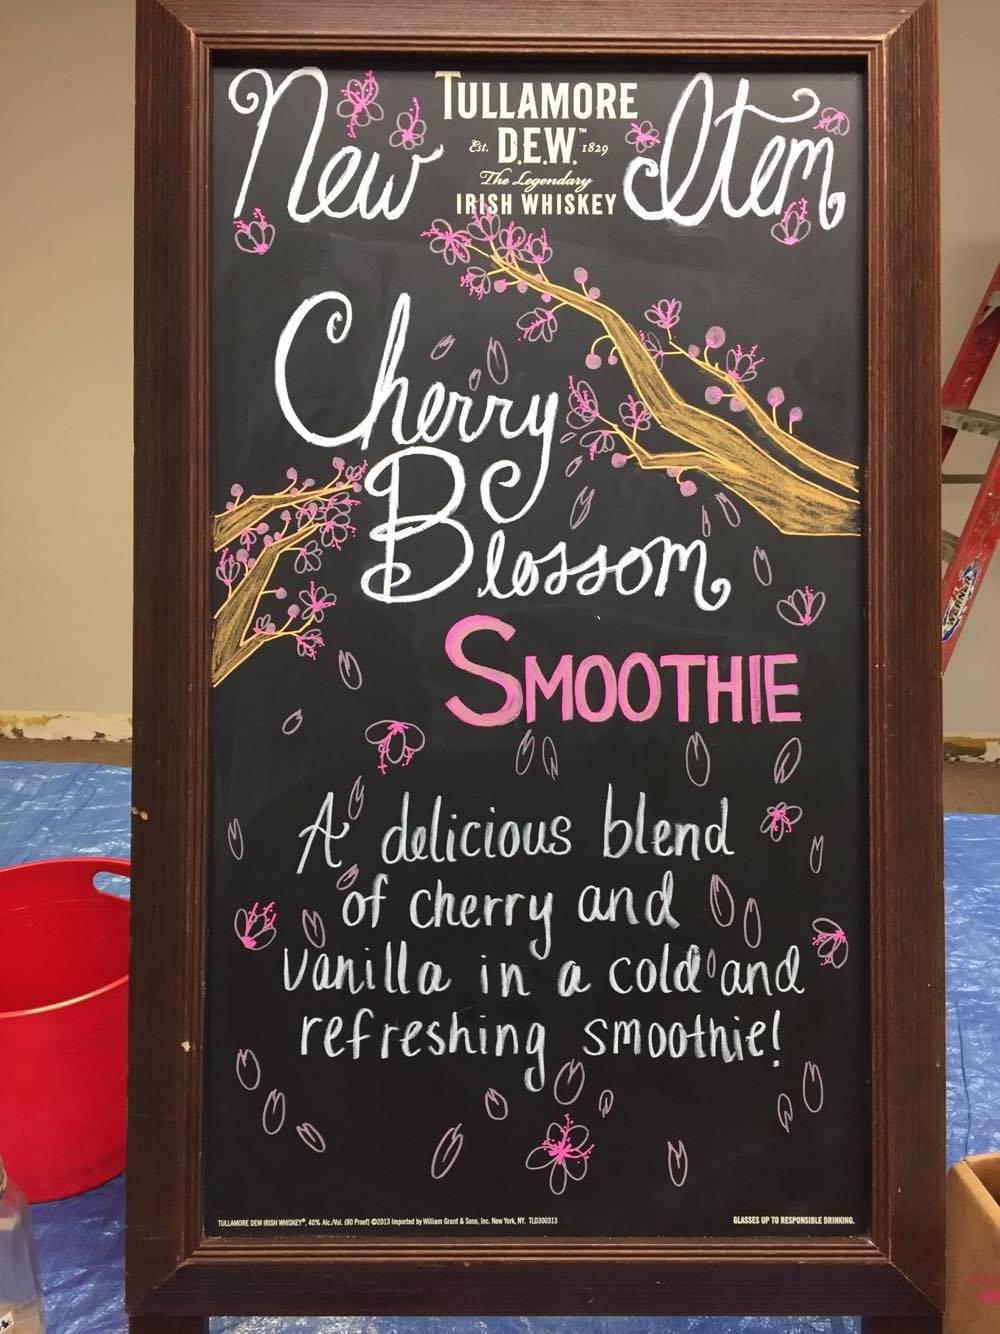 Cherry Blossom Smoothie